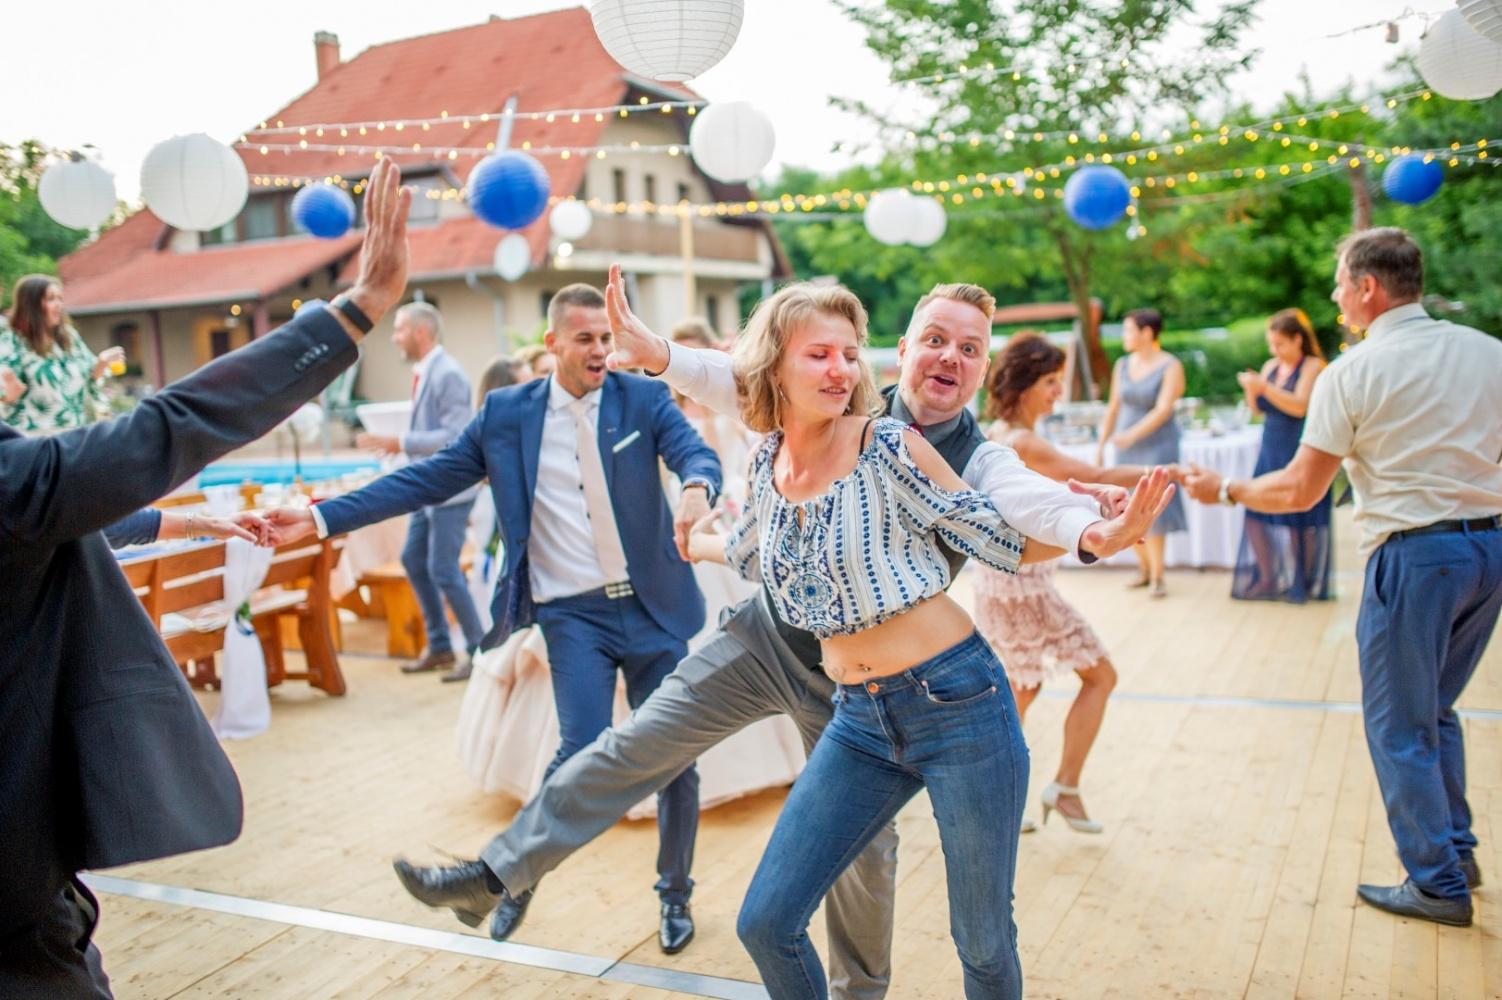 http://www.fotoz.sk/images/gallery-22/normal/eskuvoi-fotos_svadobny-fotograf_561.jpg